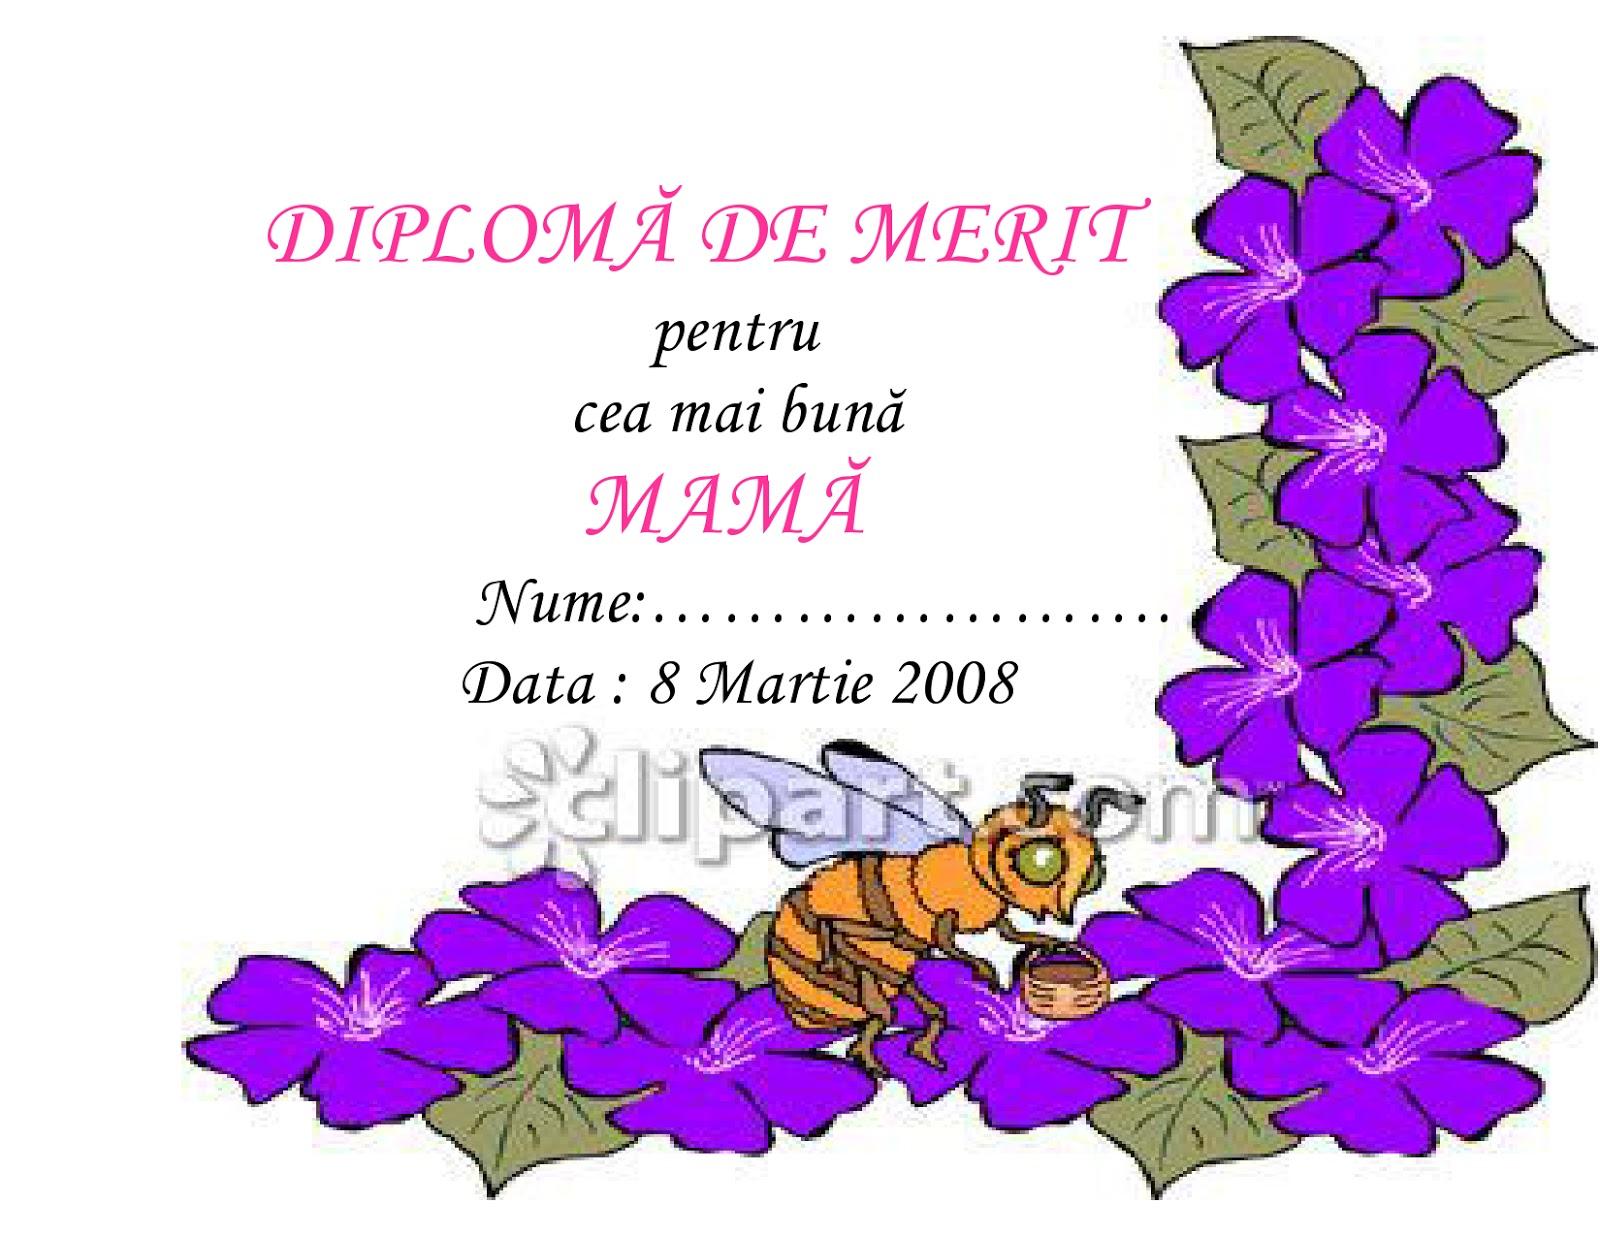 Cu Flori Diploma De Merit Pentru Cea Mai Buna Mama Diploma Diploma